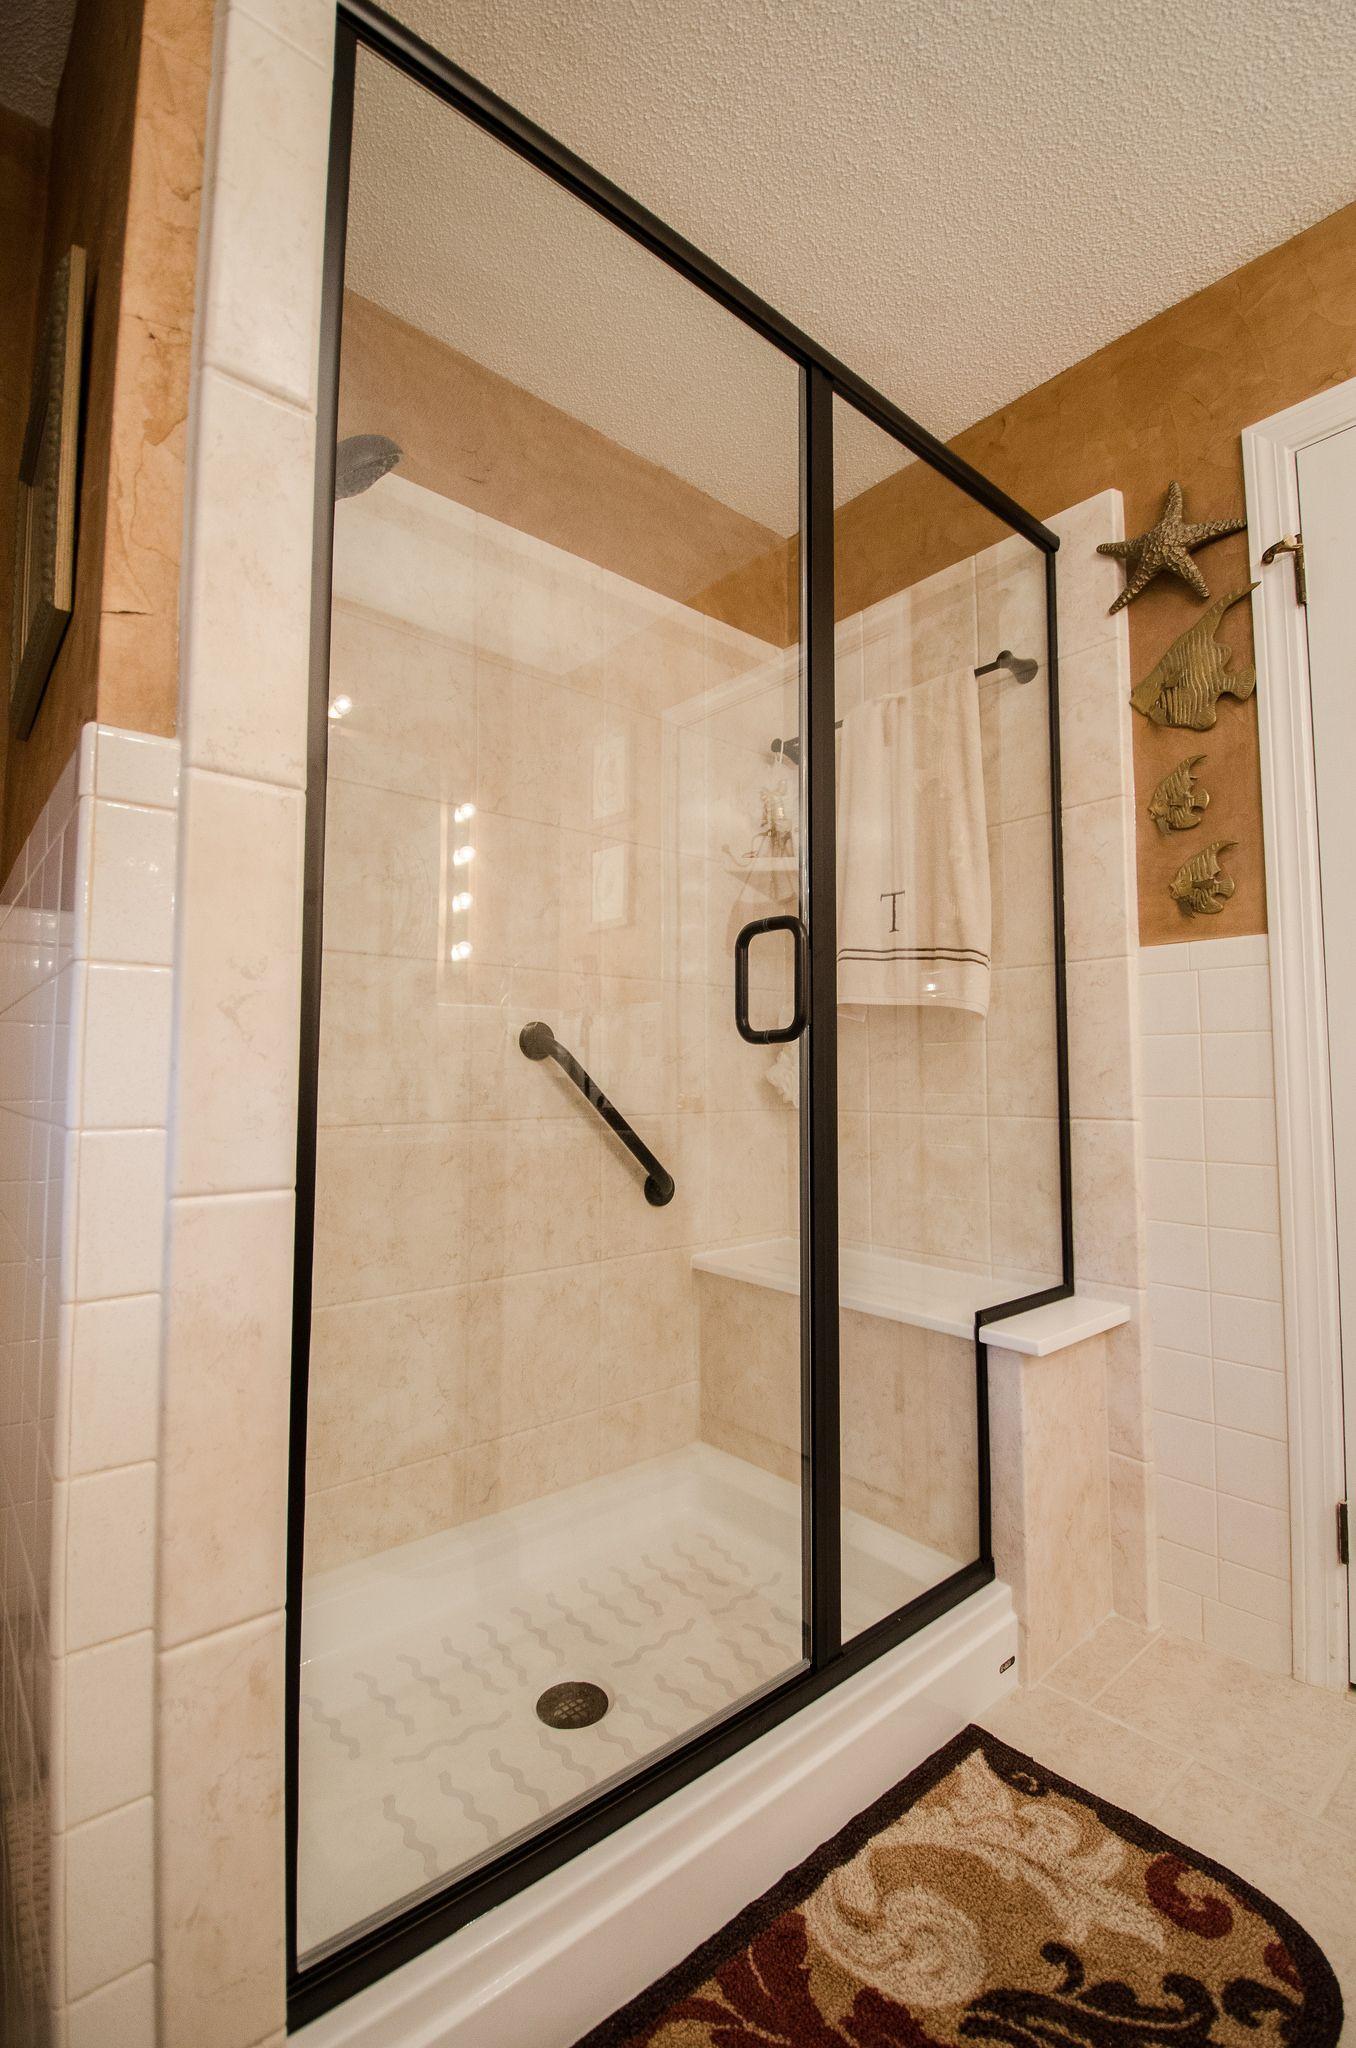 Bf4574 After 0168 Re Bath Remodels Pinterest Remodel Bathroom